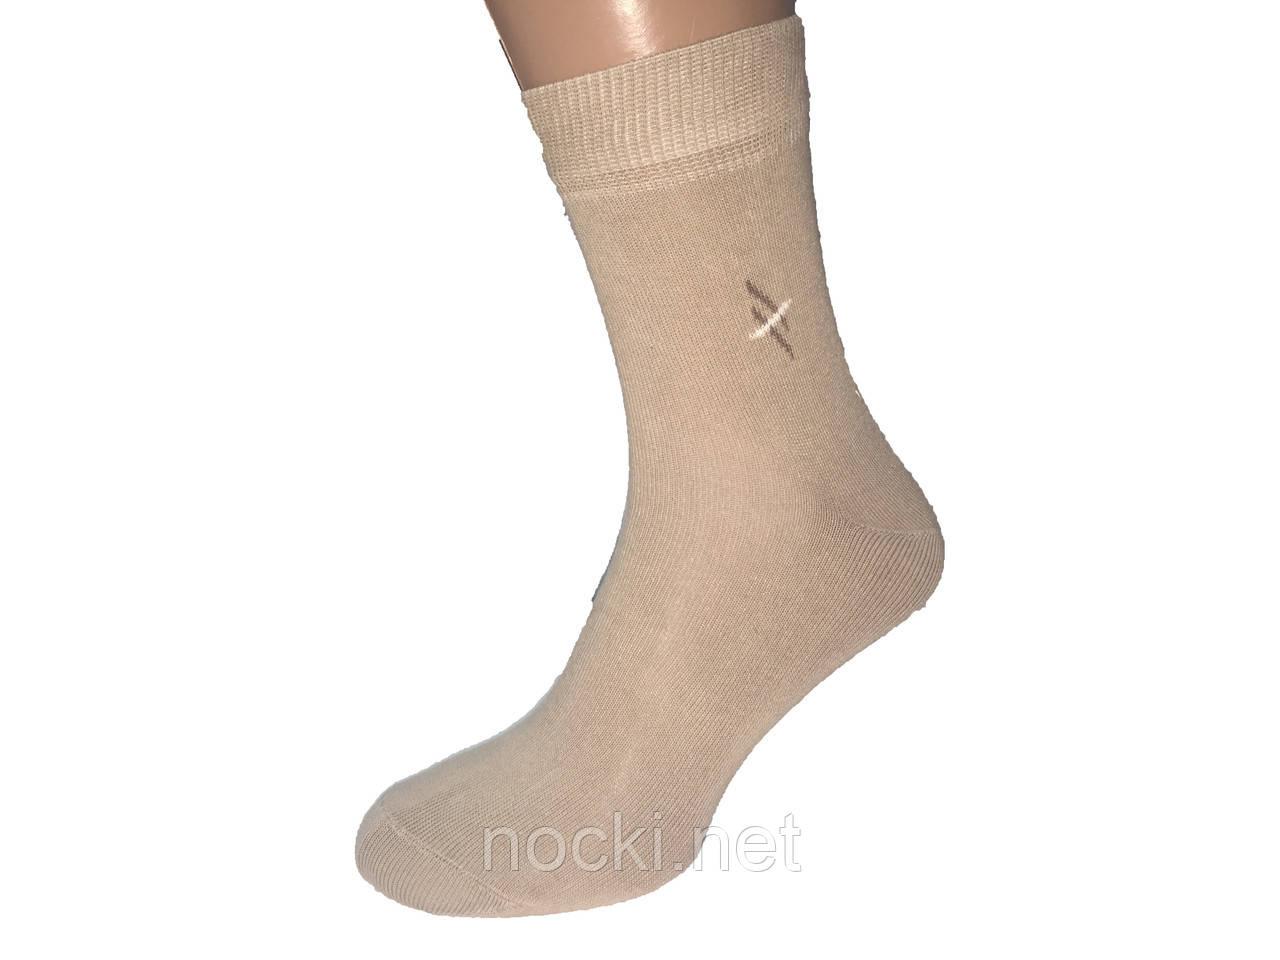 Шкарпетки чоловічі з лайкрою демісезонні Елегант р25